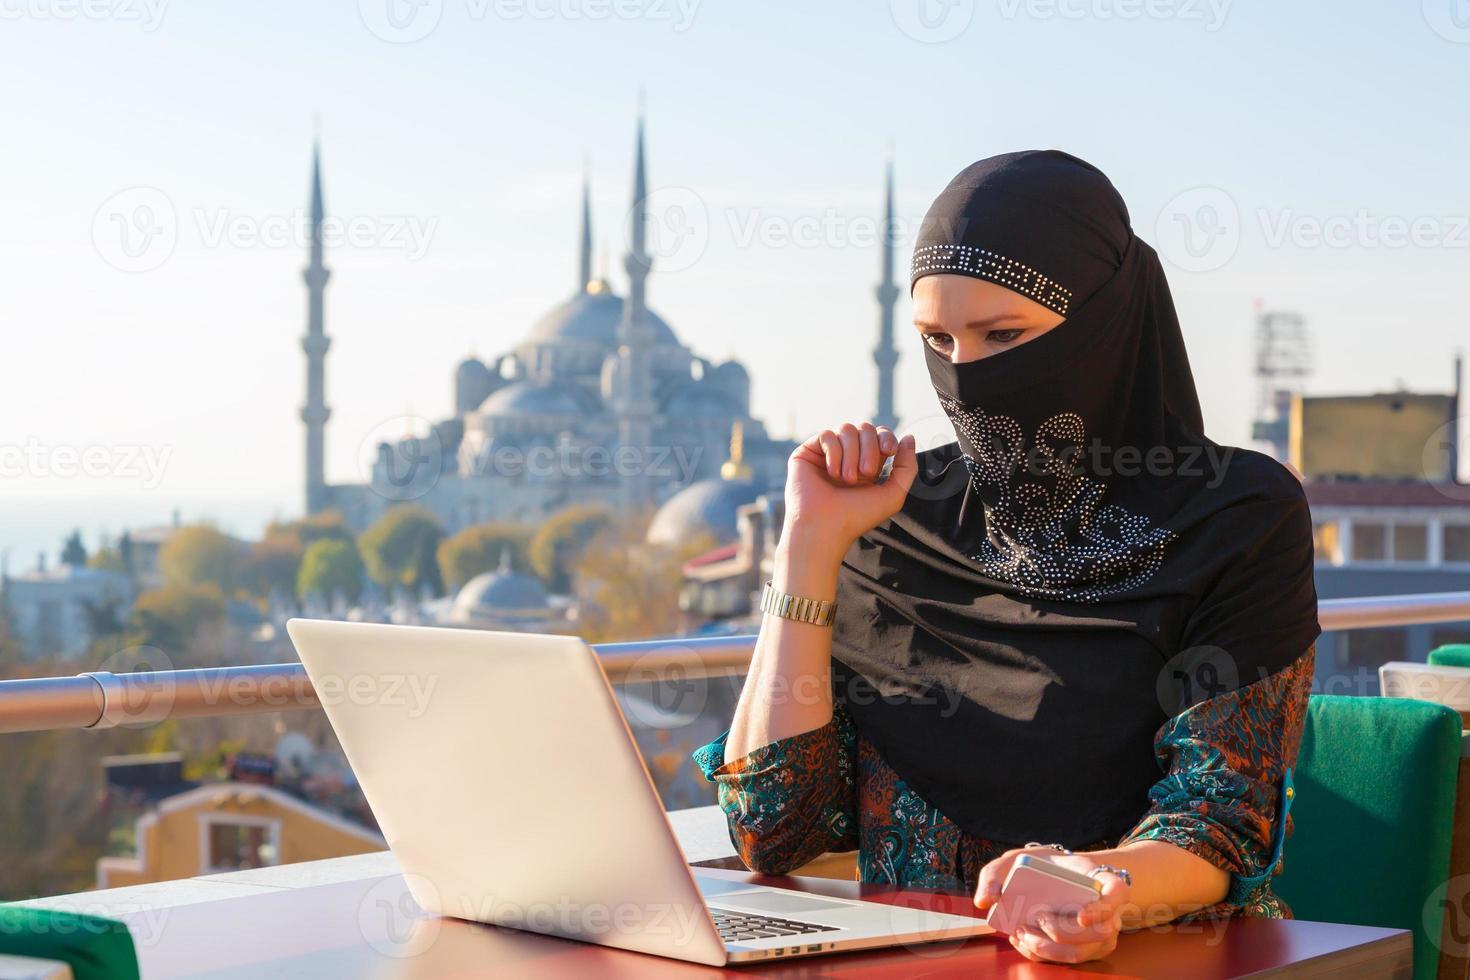 traditionell gekleidete muslimische Frau, die am Computer arbeitet foto